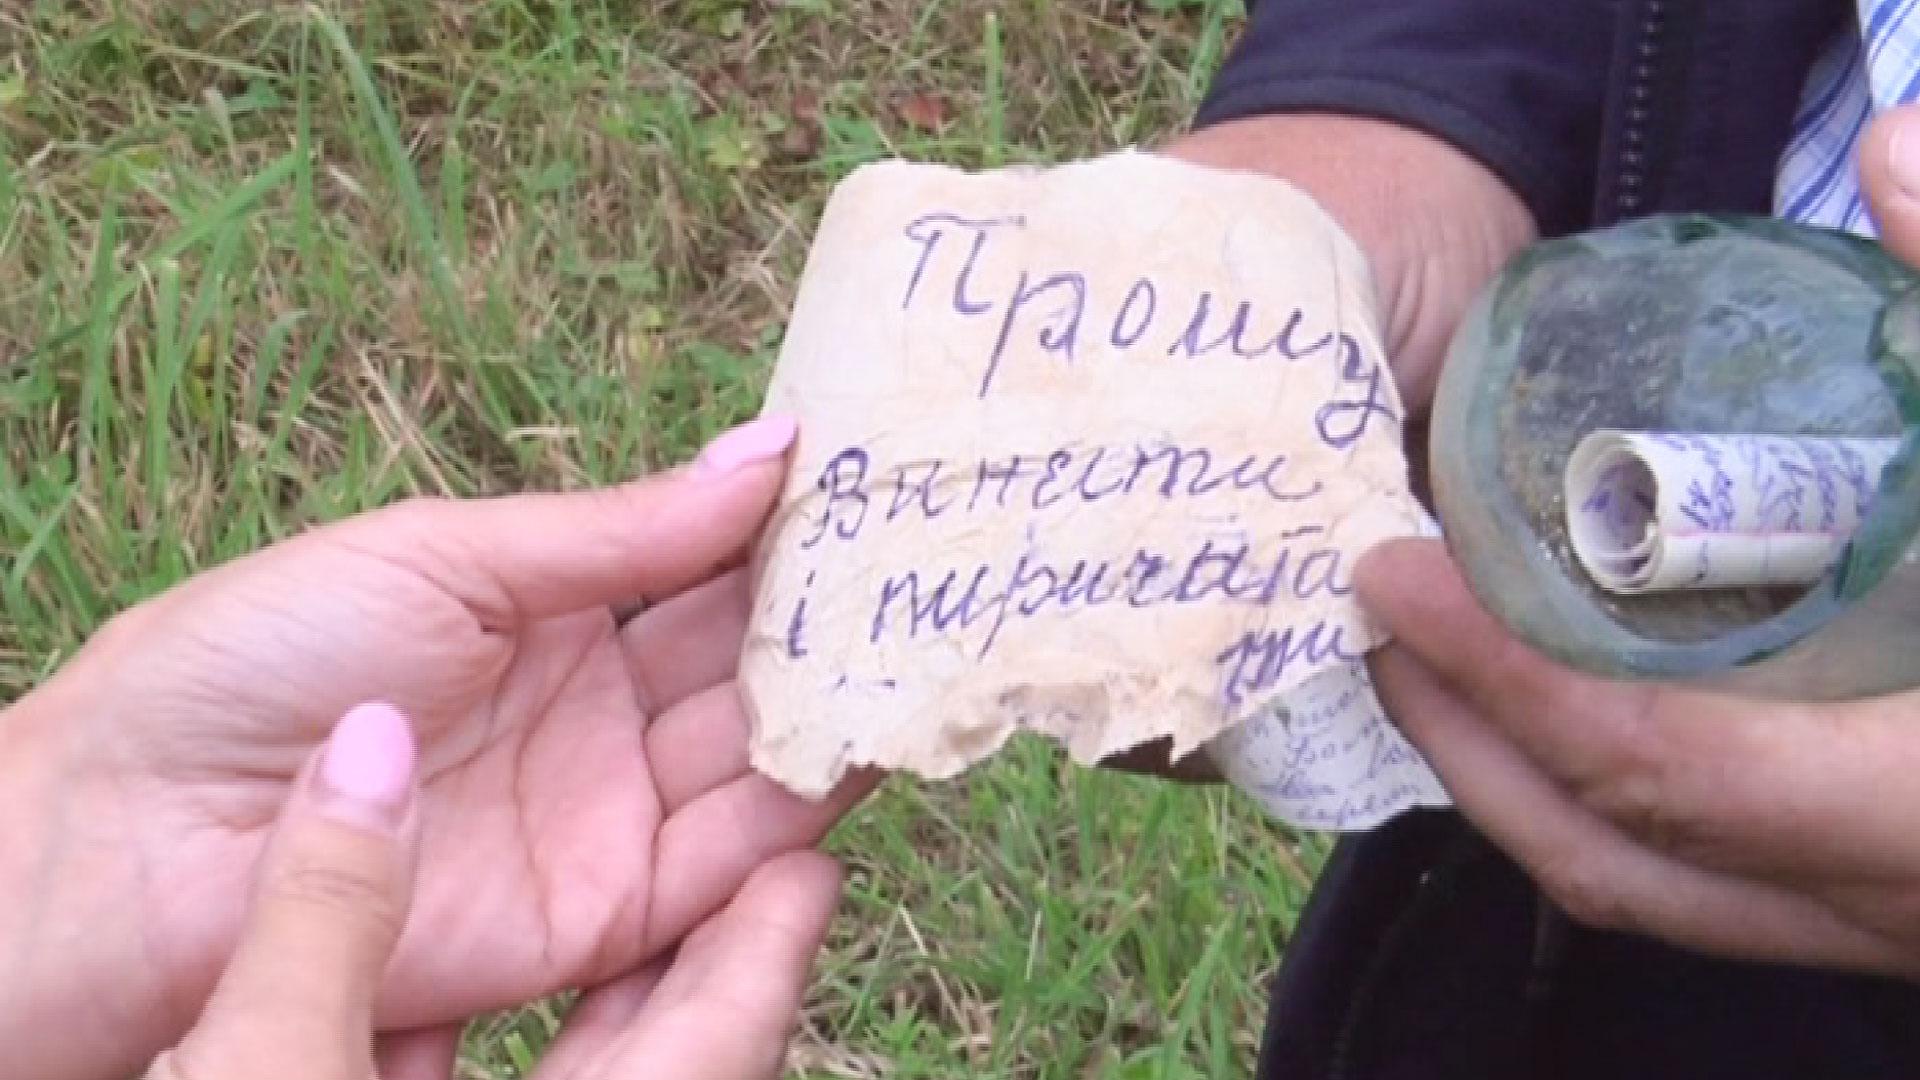 """На Прикарпатті знайшли """"лайливу"""" записку, якій майже 100 років (ФОТО, ВІДЕО)"""